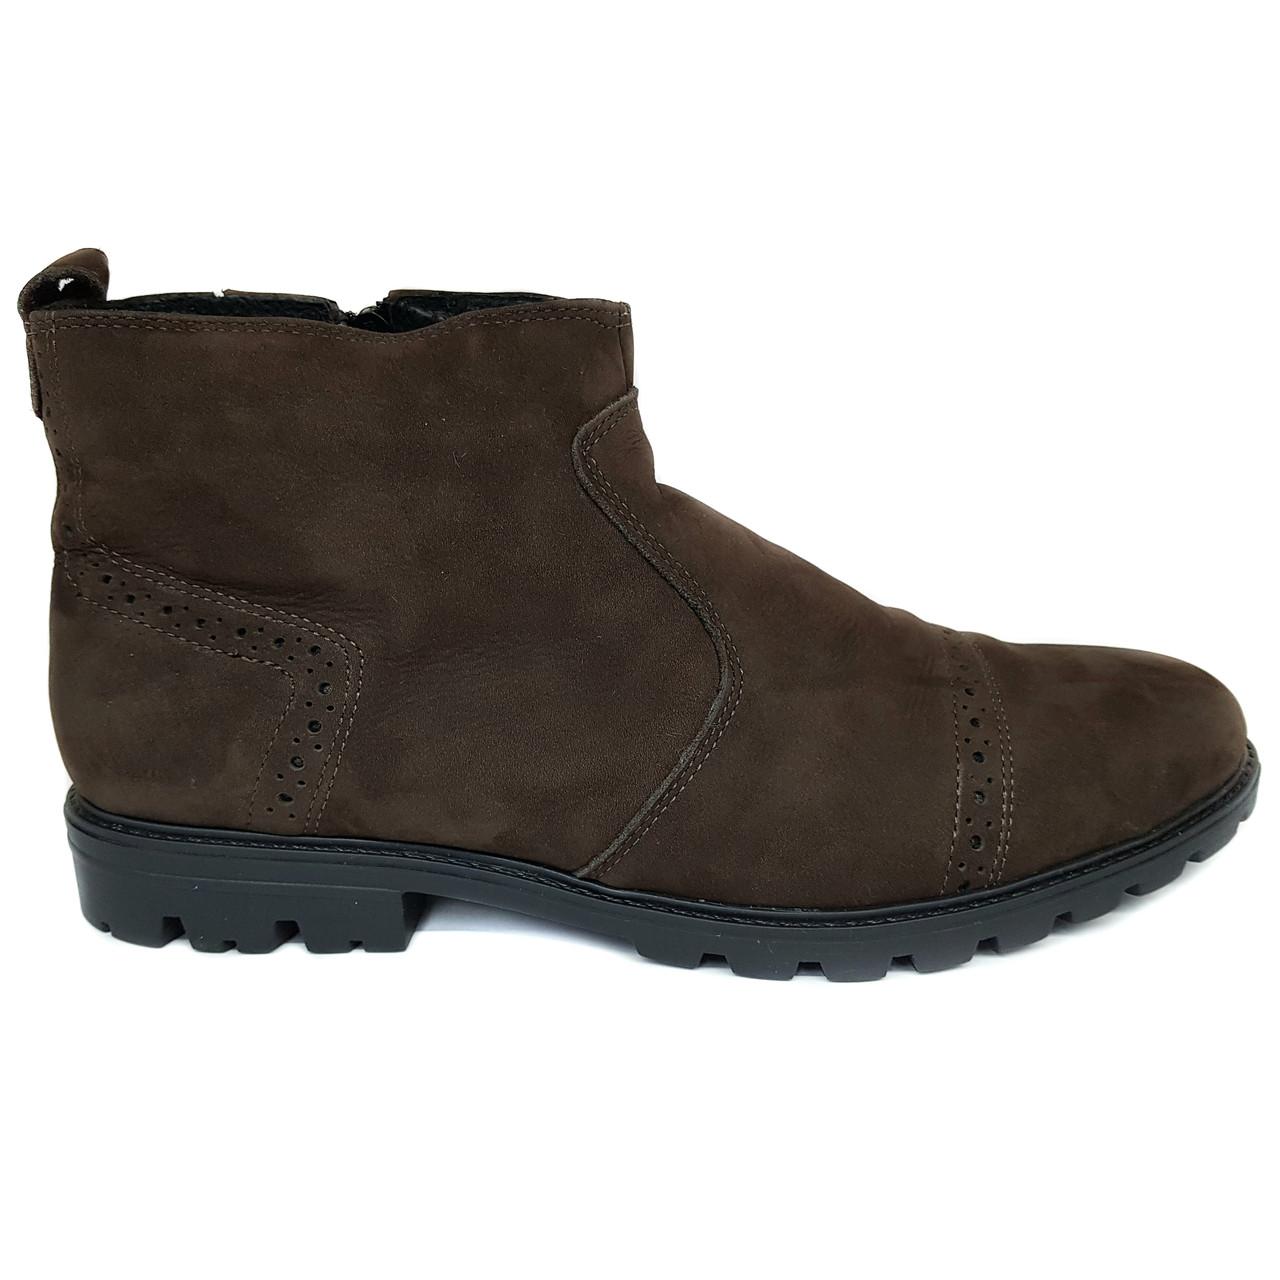 Зимние мужские кожаные ботинки из нубука Dan Shoes коричневые на меху